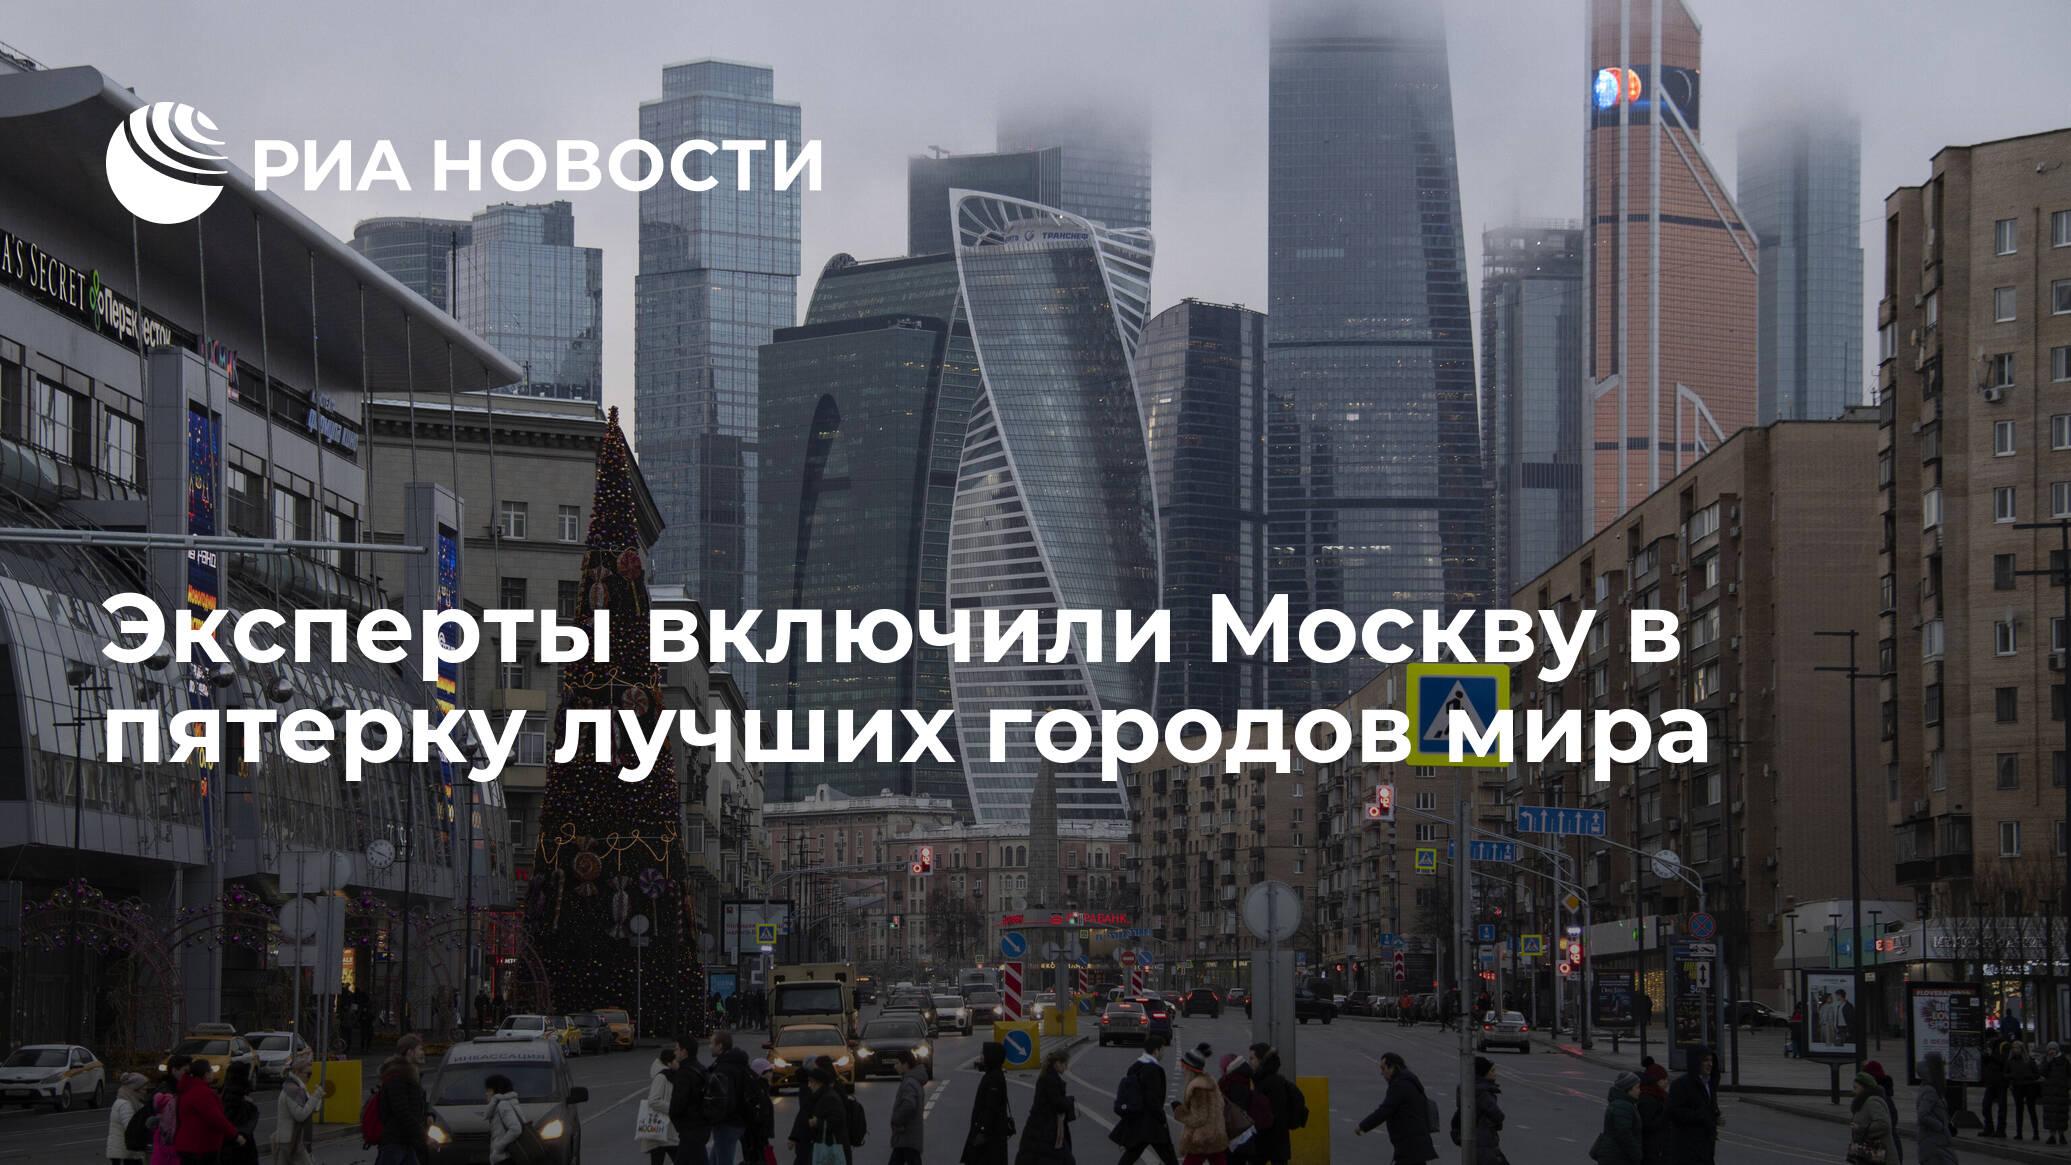 Эксперты включили Москву в пятерку лучших городов мира